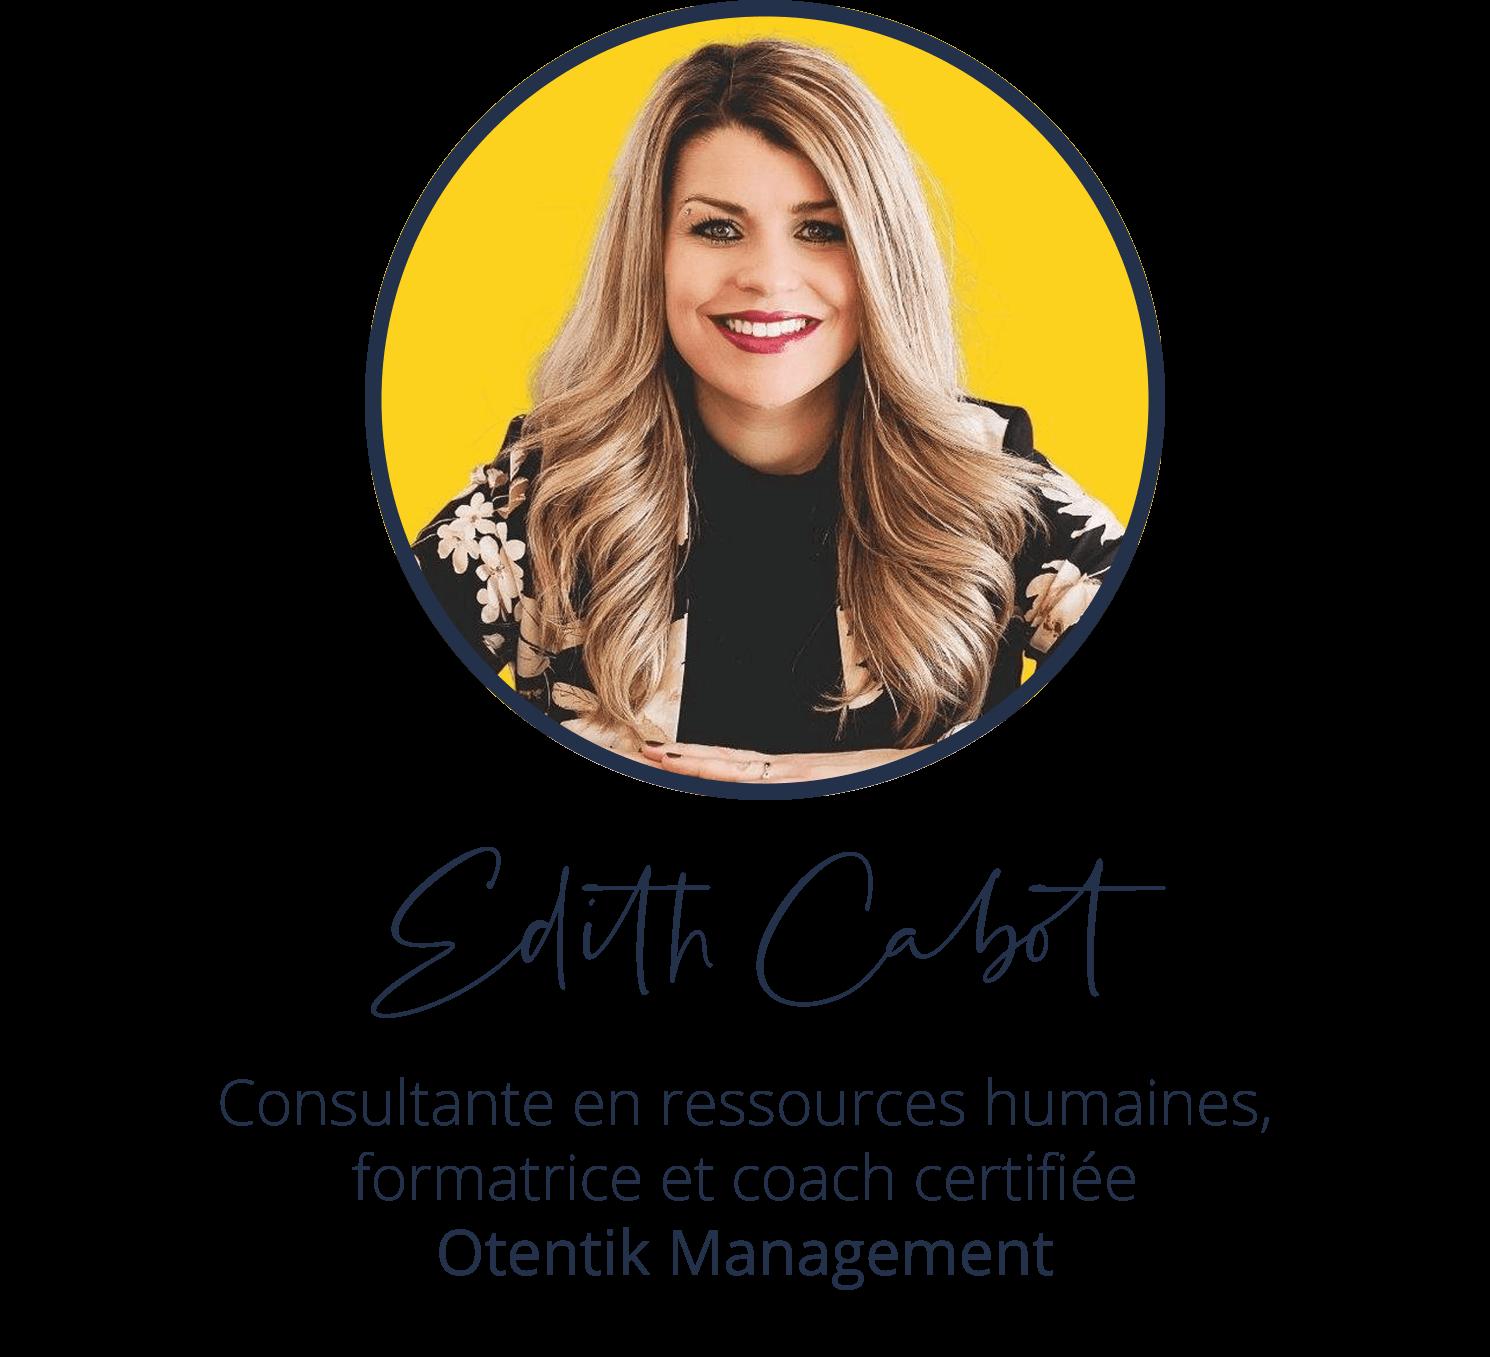 Edith Cabot, Consultante en ressources humaines, formatrice et coach certifiée, Otentik Management